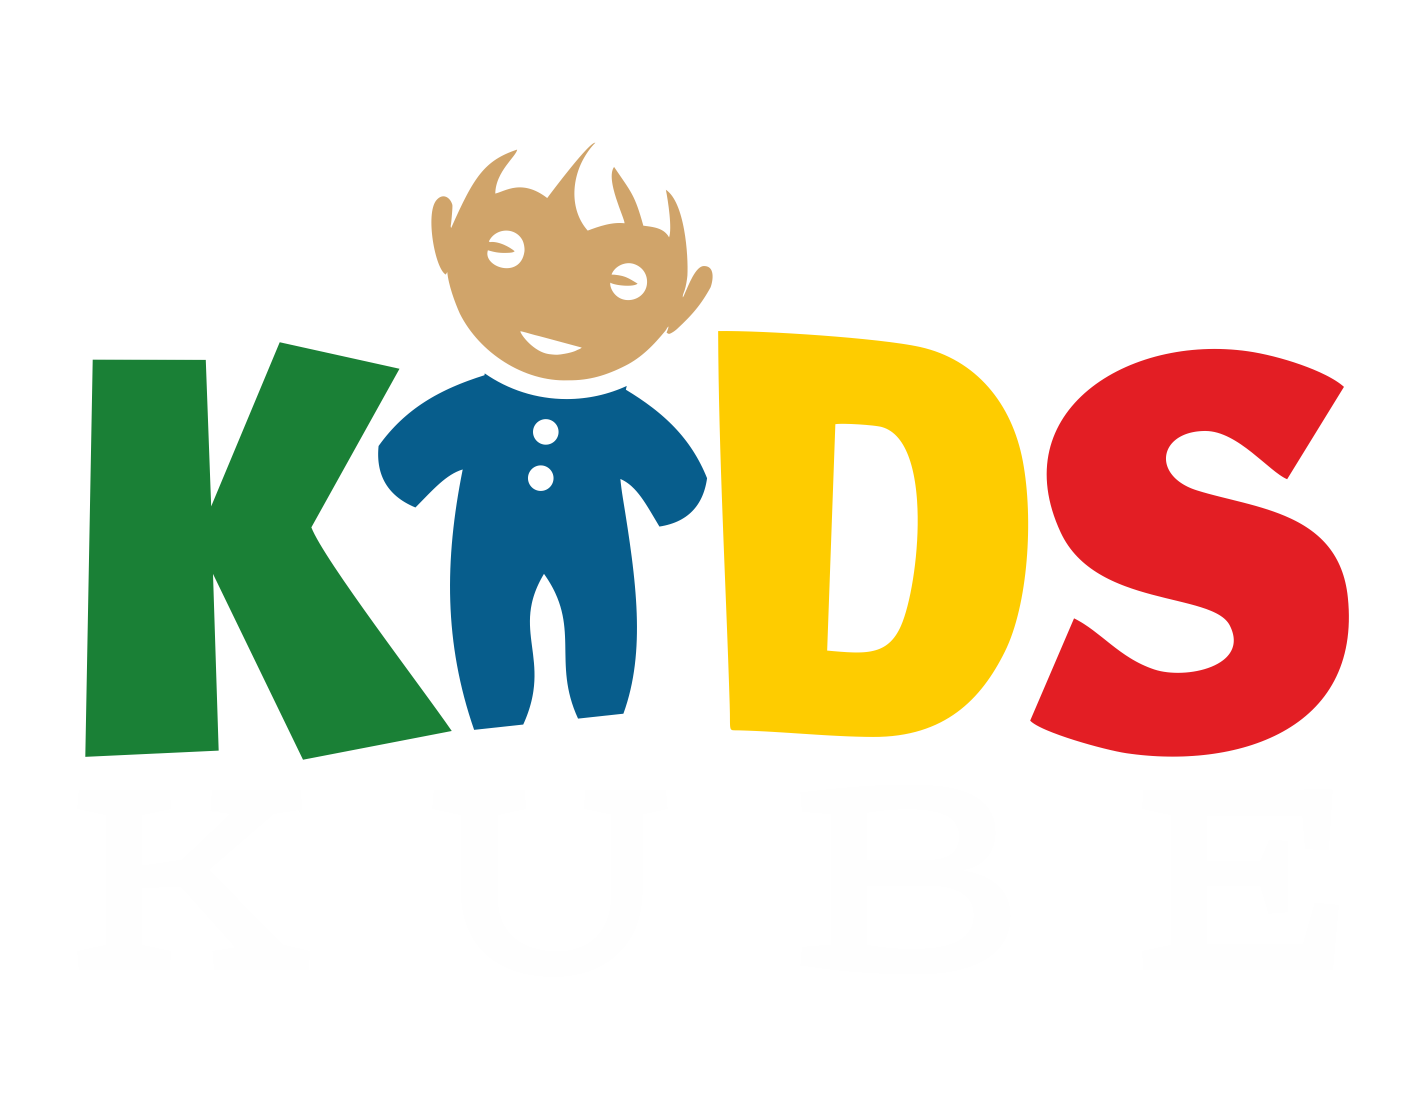 KIDS KUBE